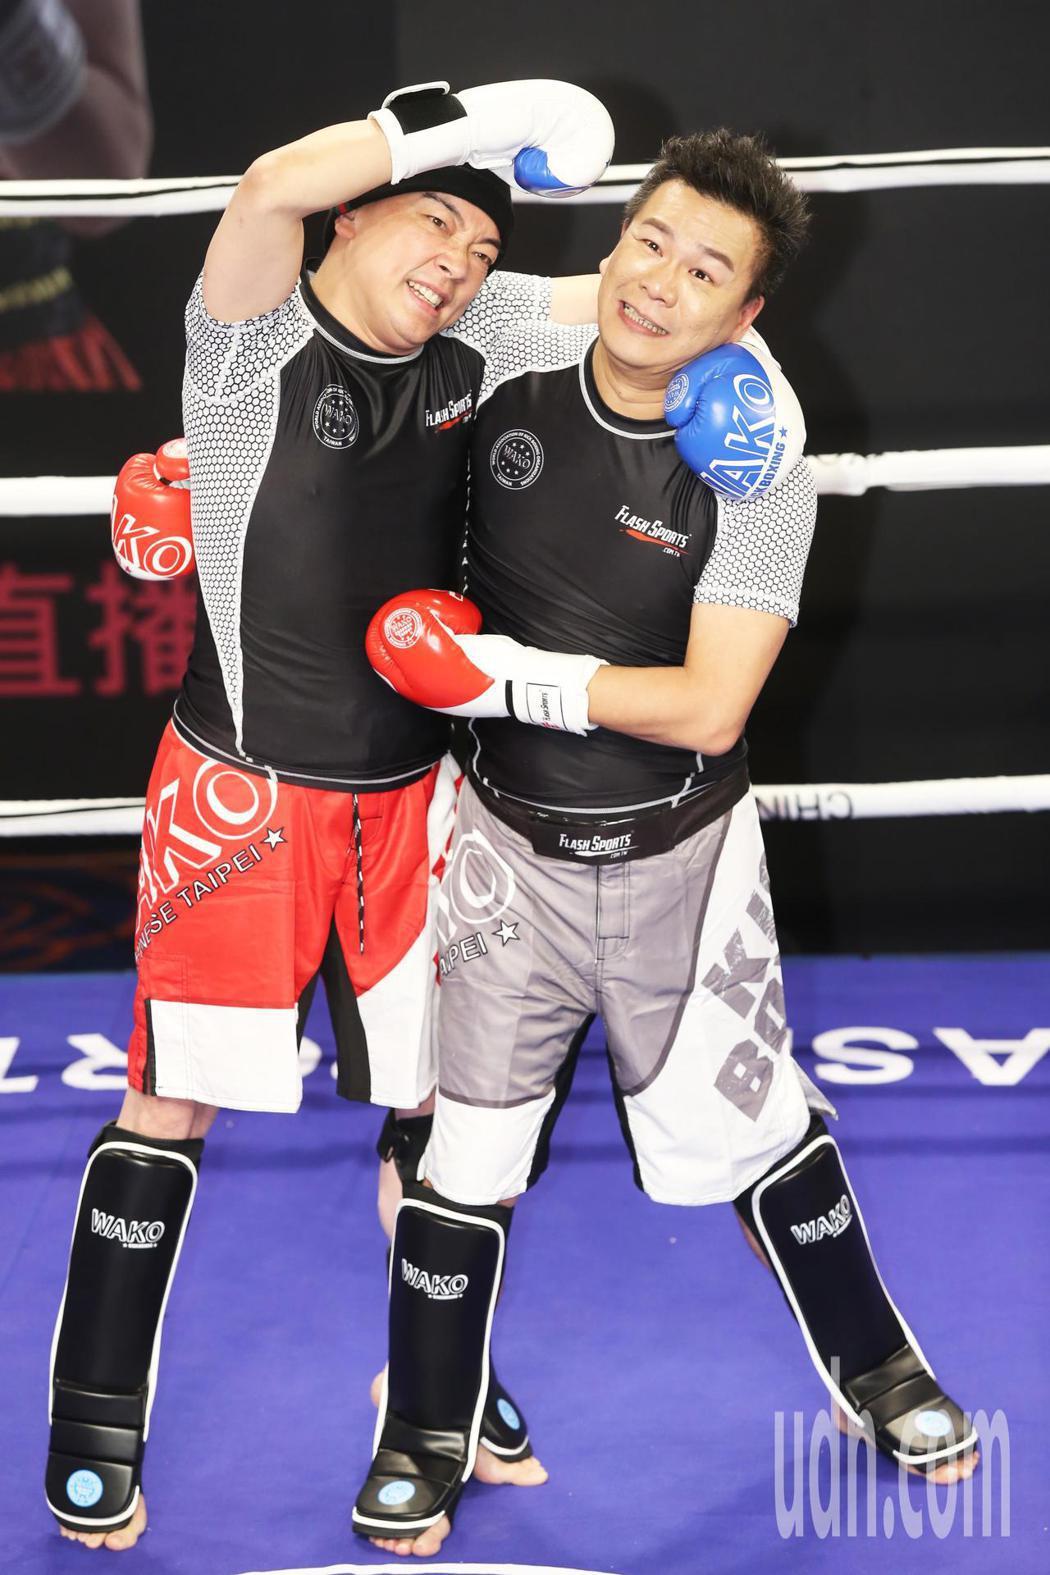 沈玉琳(右)和詹惟中(左)在擂台上互相較勁為直播平台記者會造勢。記者徐兆玄/攝影